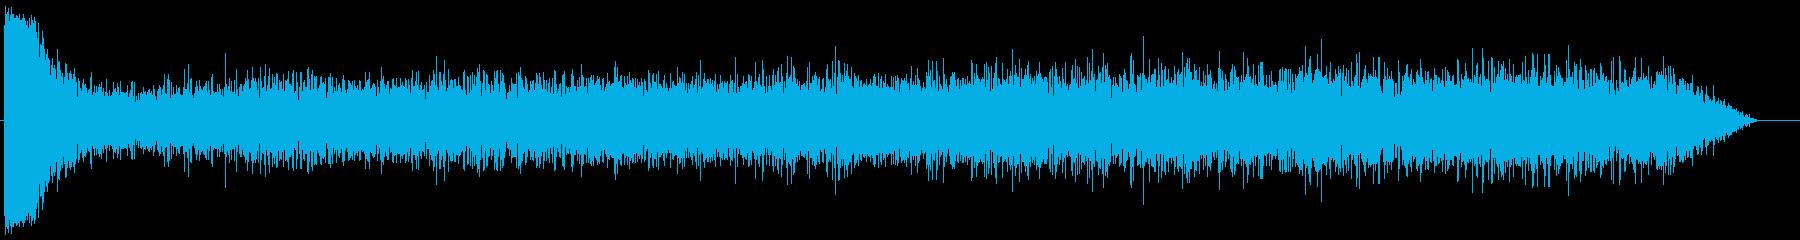 車の爆発の再生済みの波形